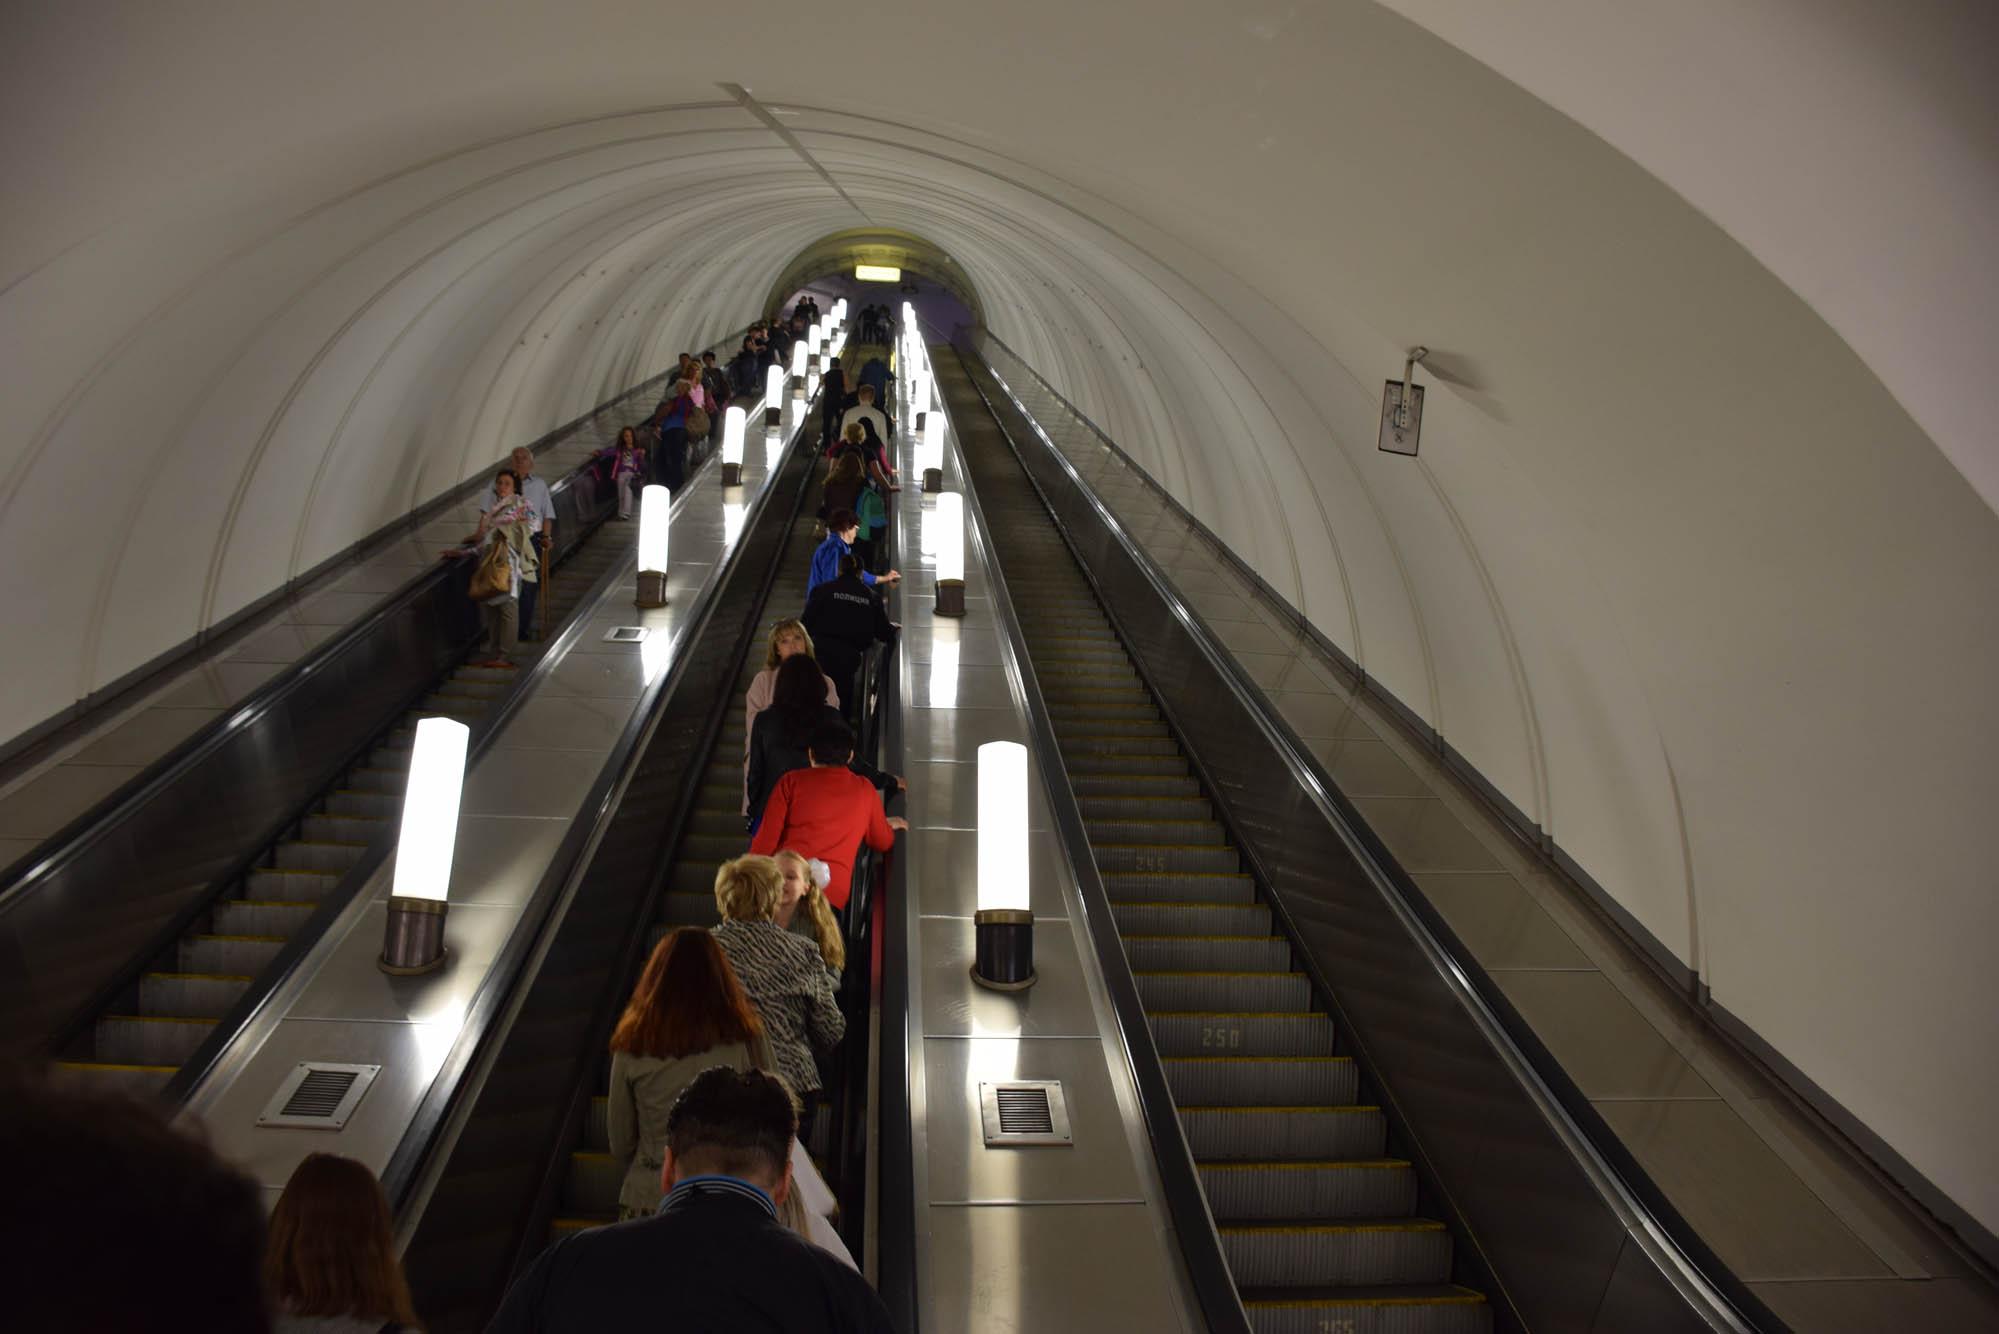 Metrô de Moscou super profundo!! Algumas chegam a 65m